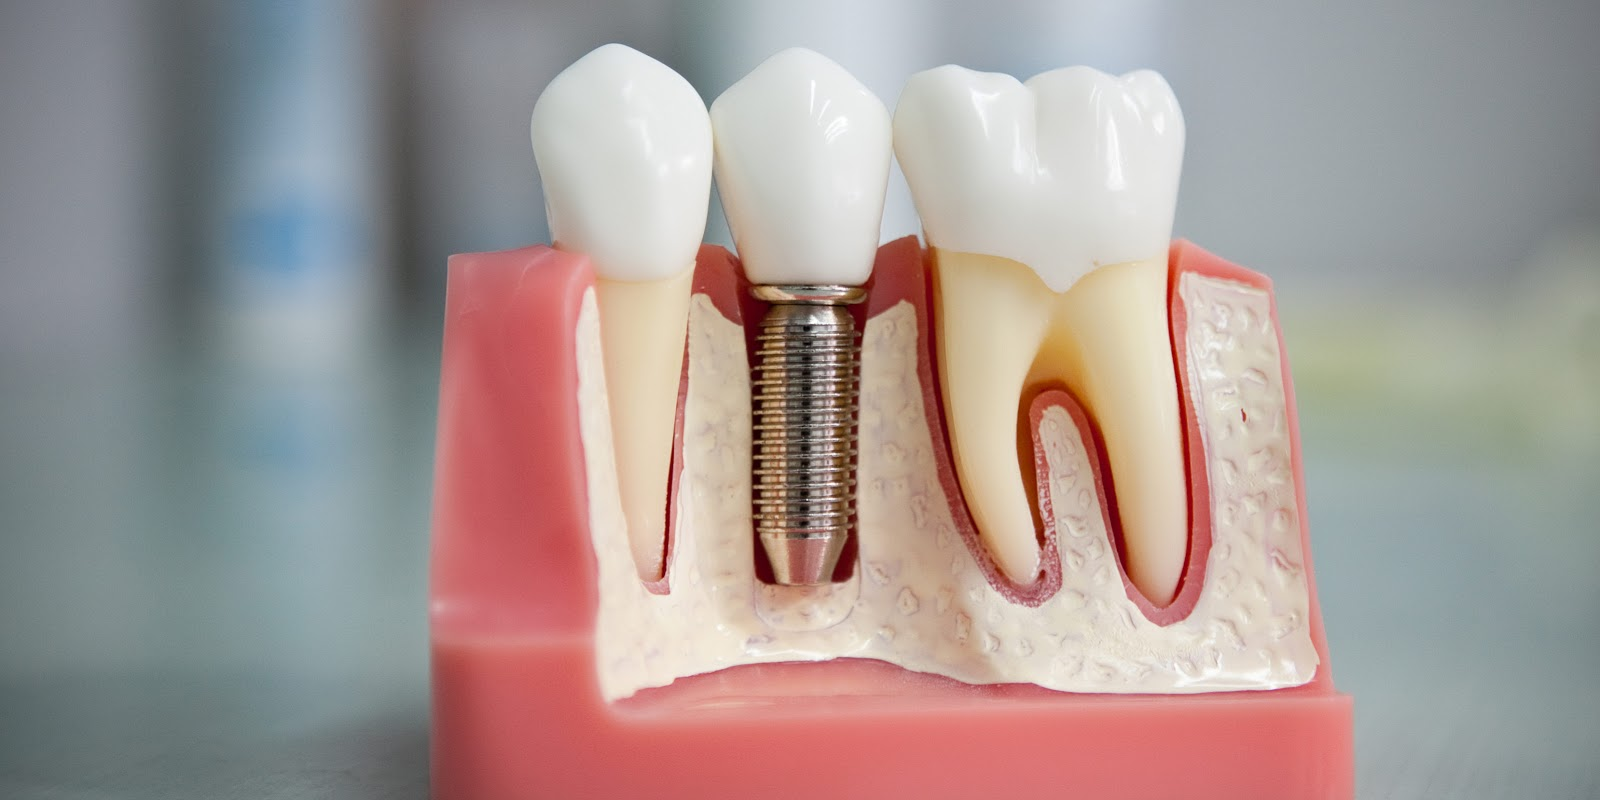 импланты для зубов